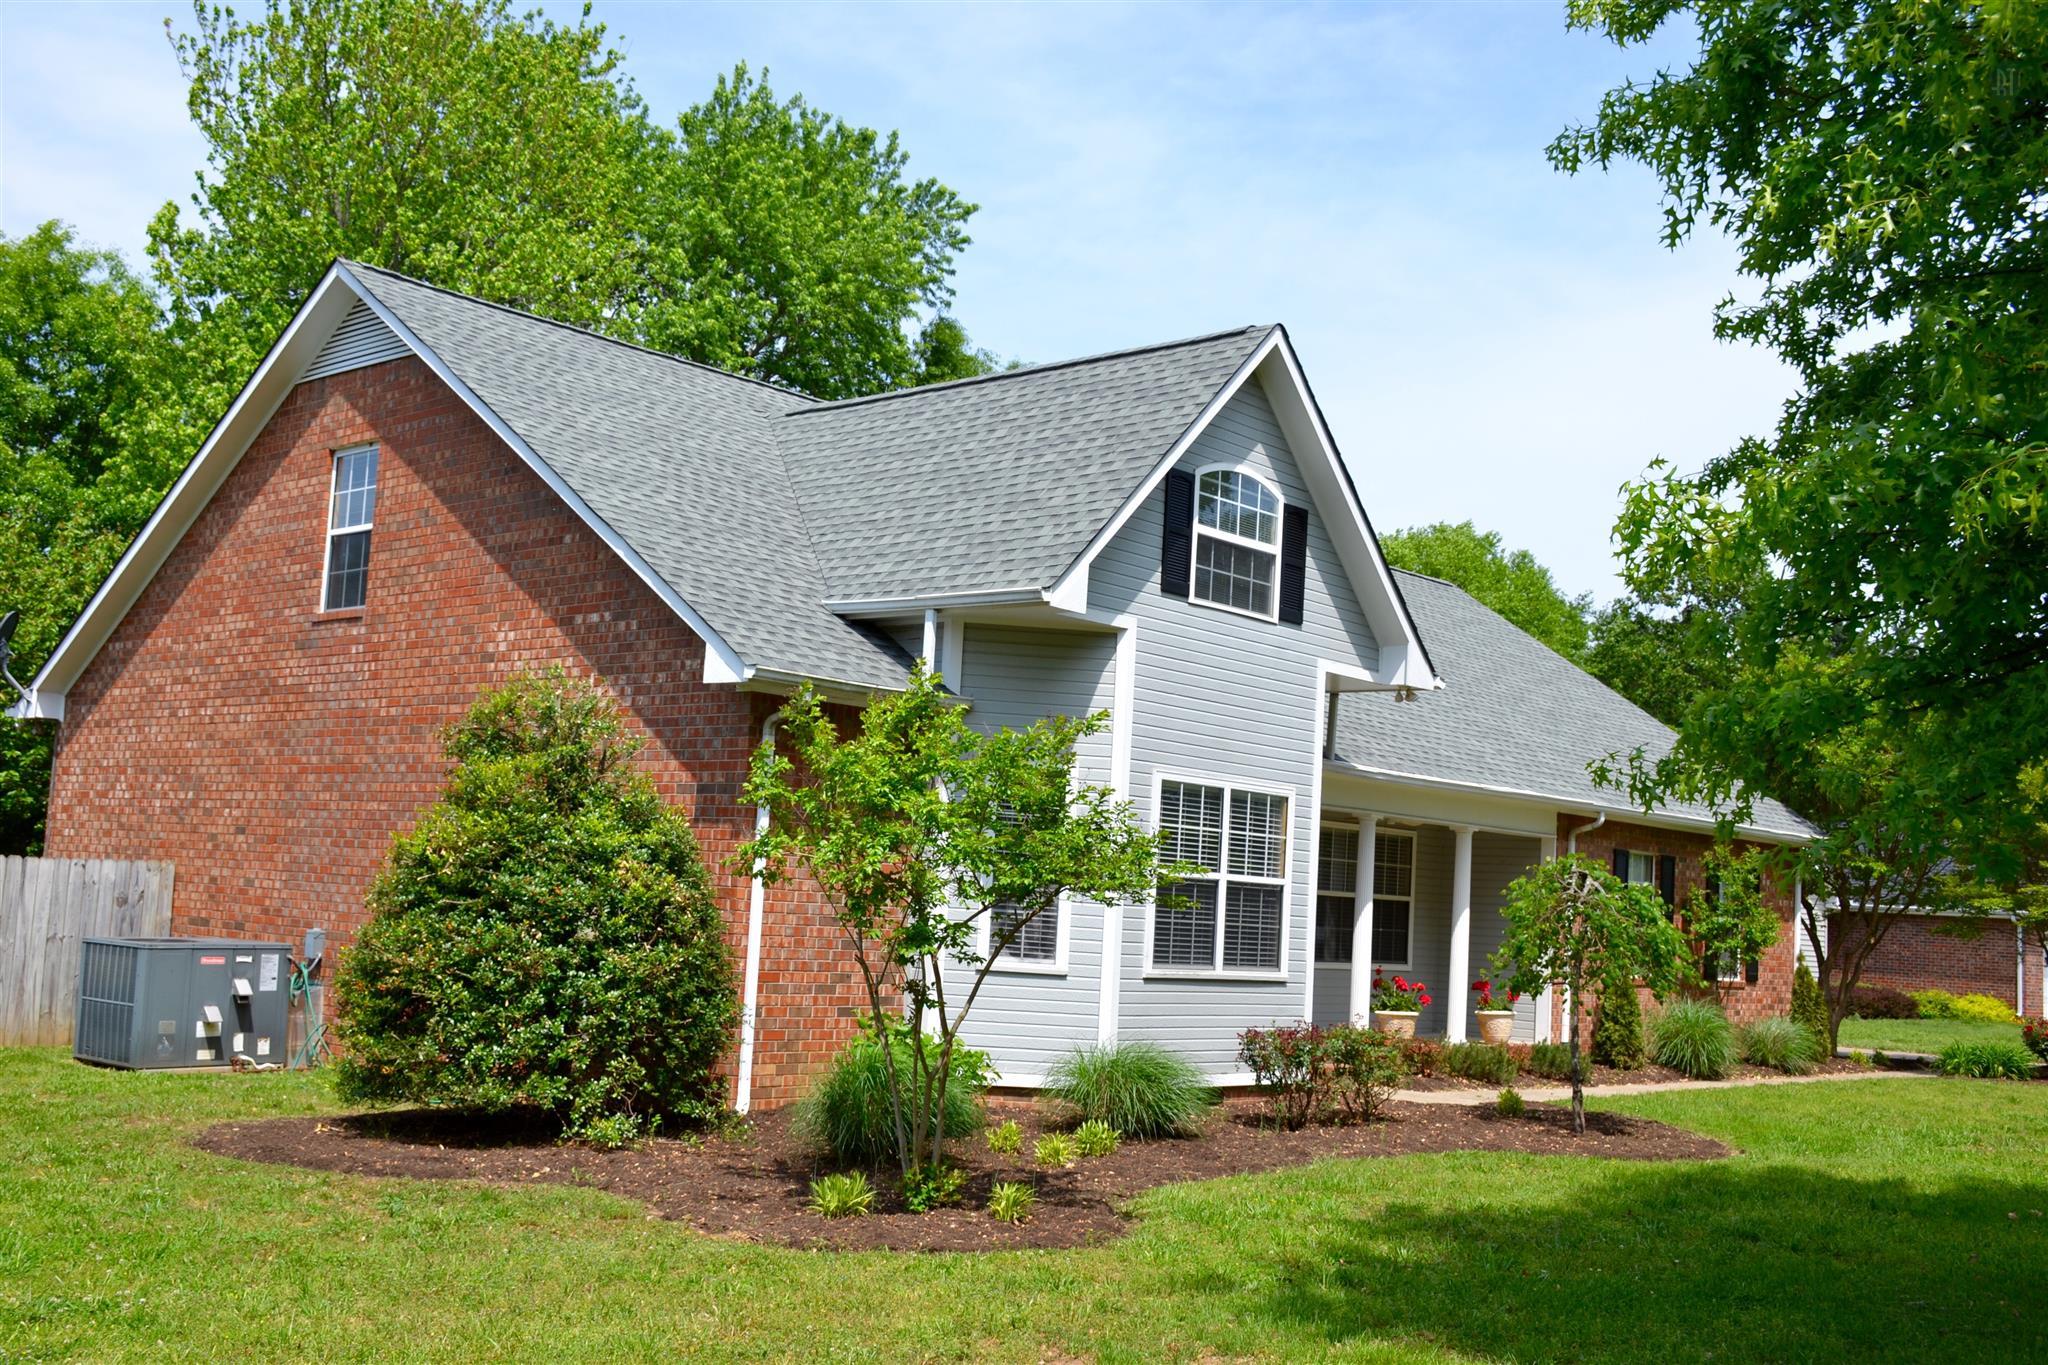 3443 Northboro Ct, Murfreesboro, TN 37129